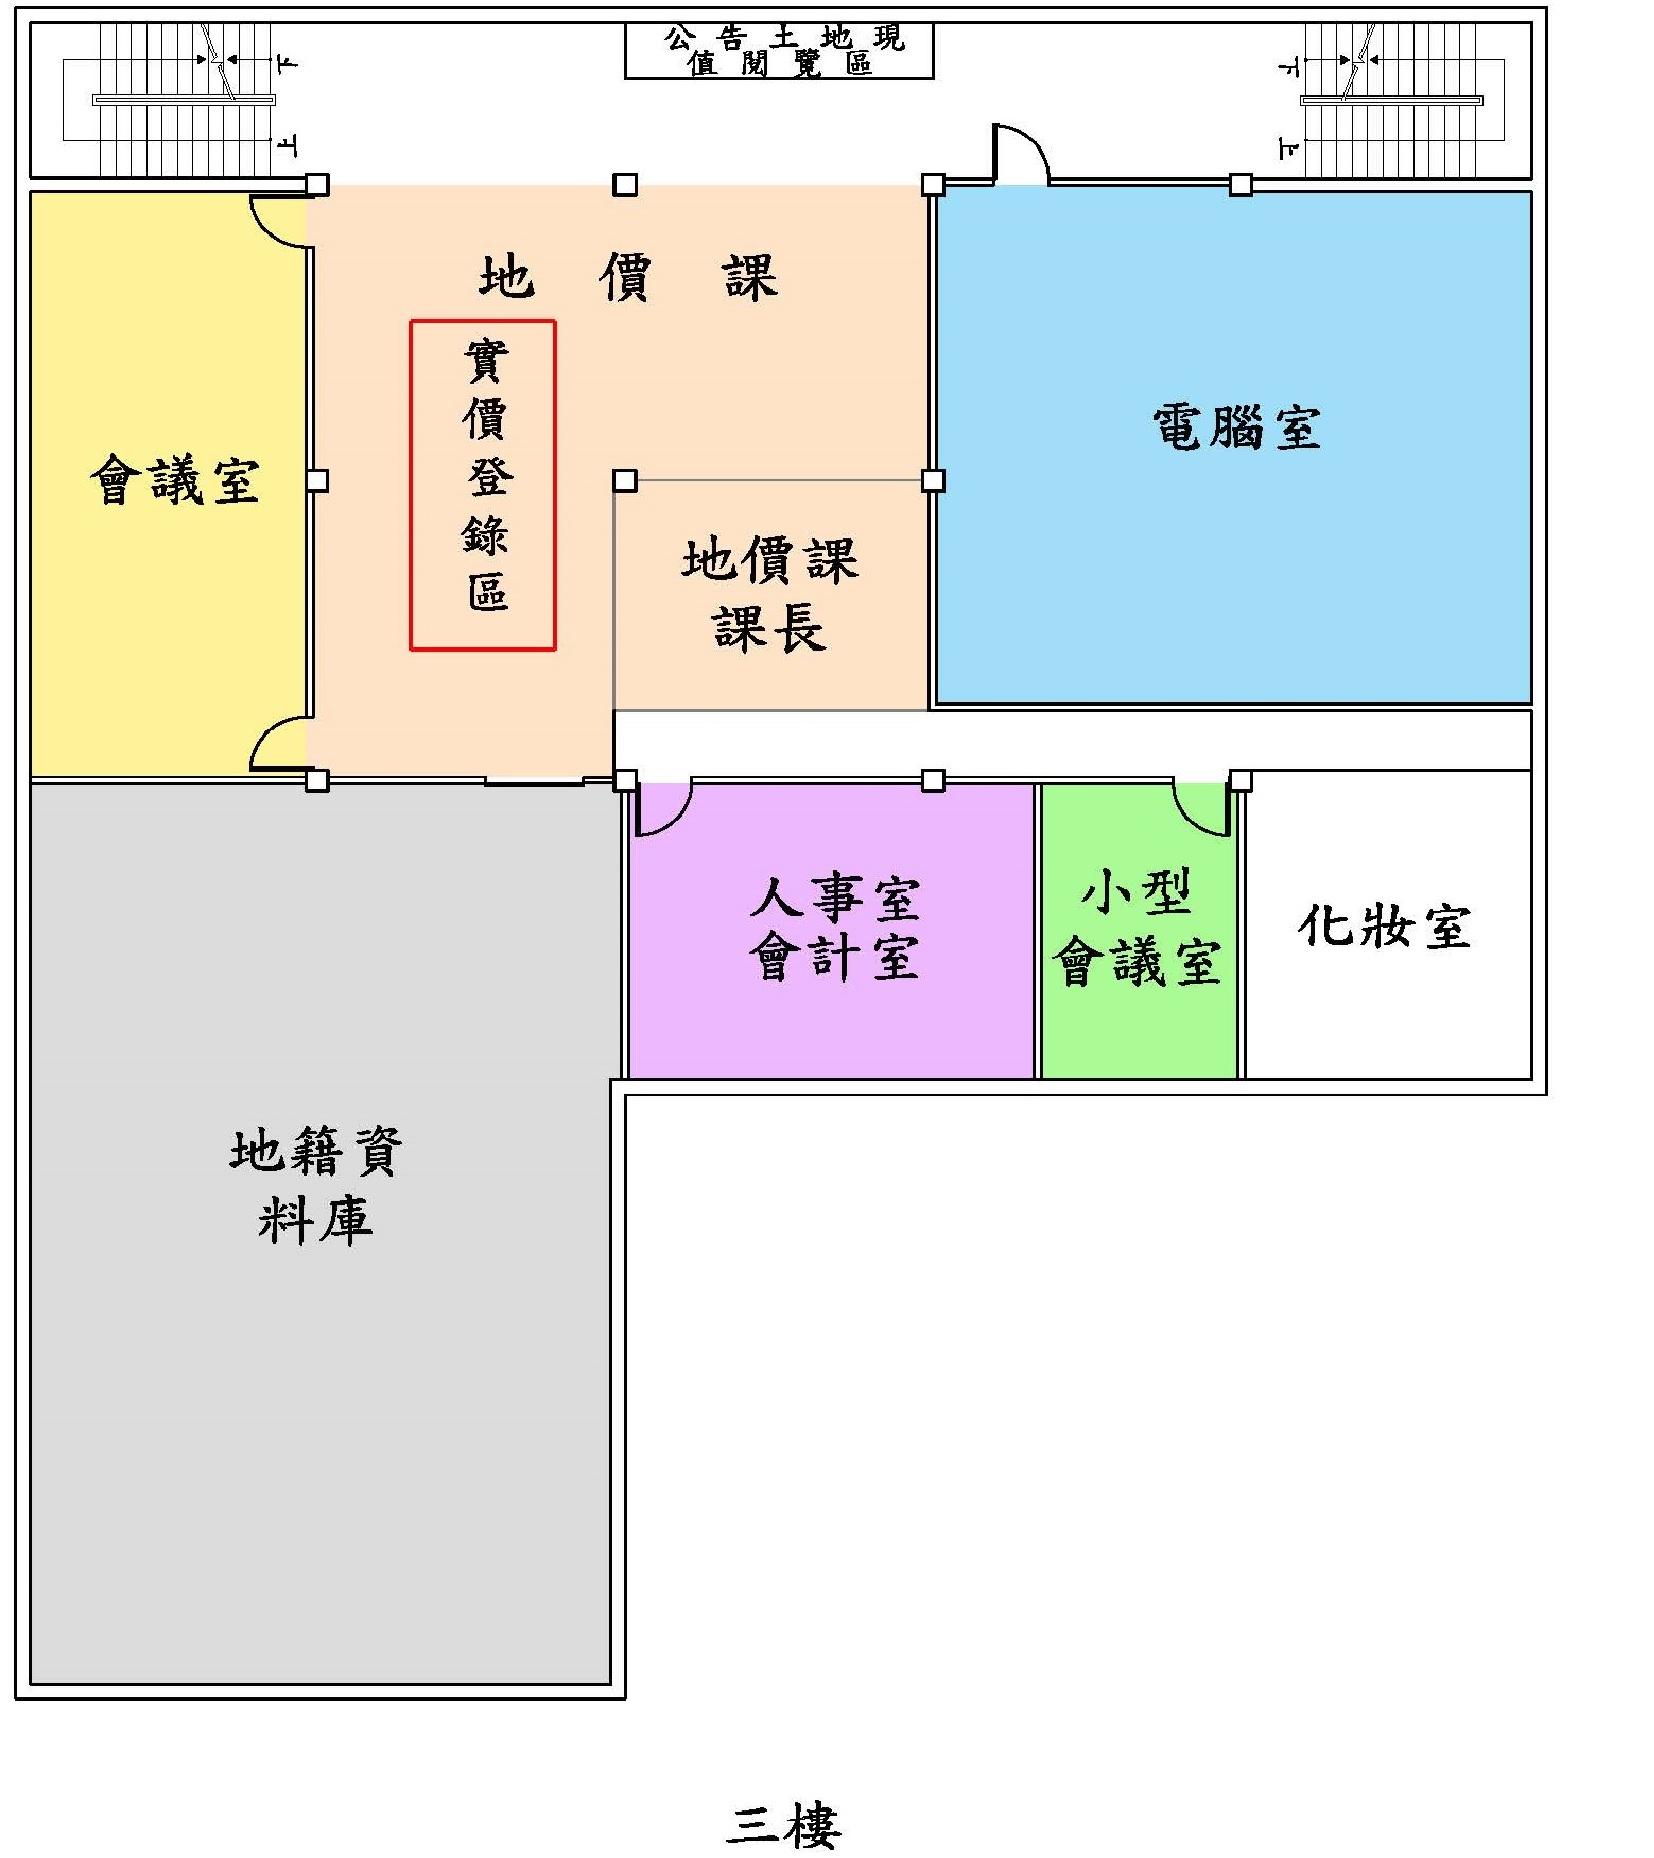 三樓平面示意圖.jpg